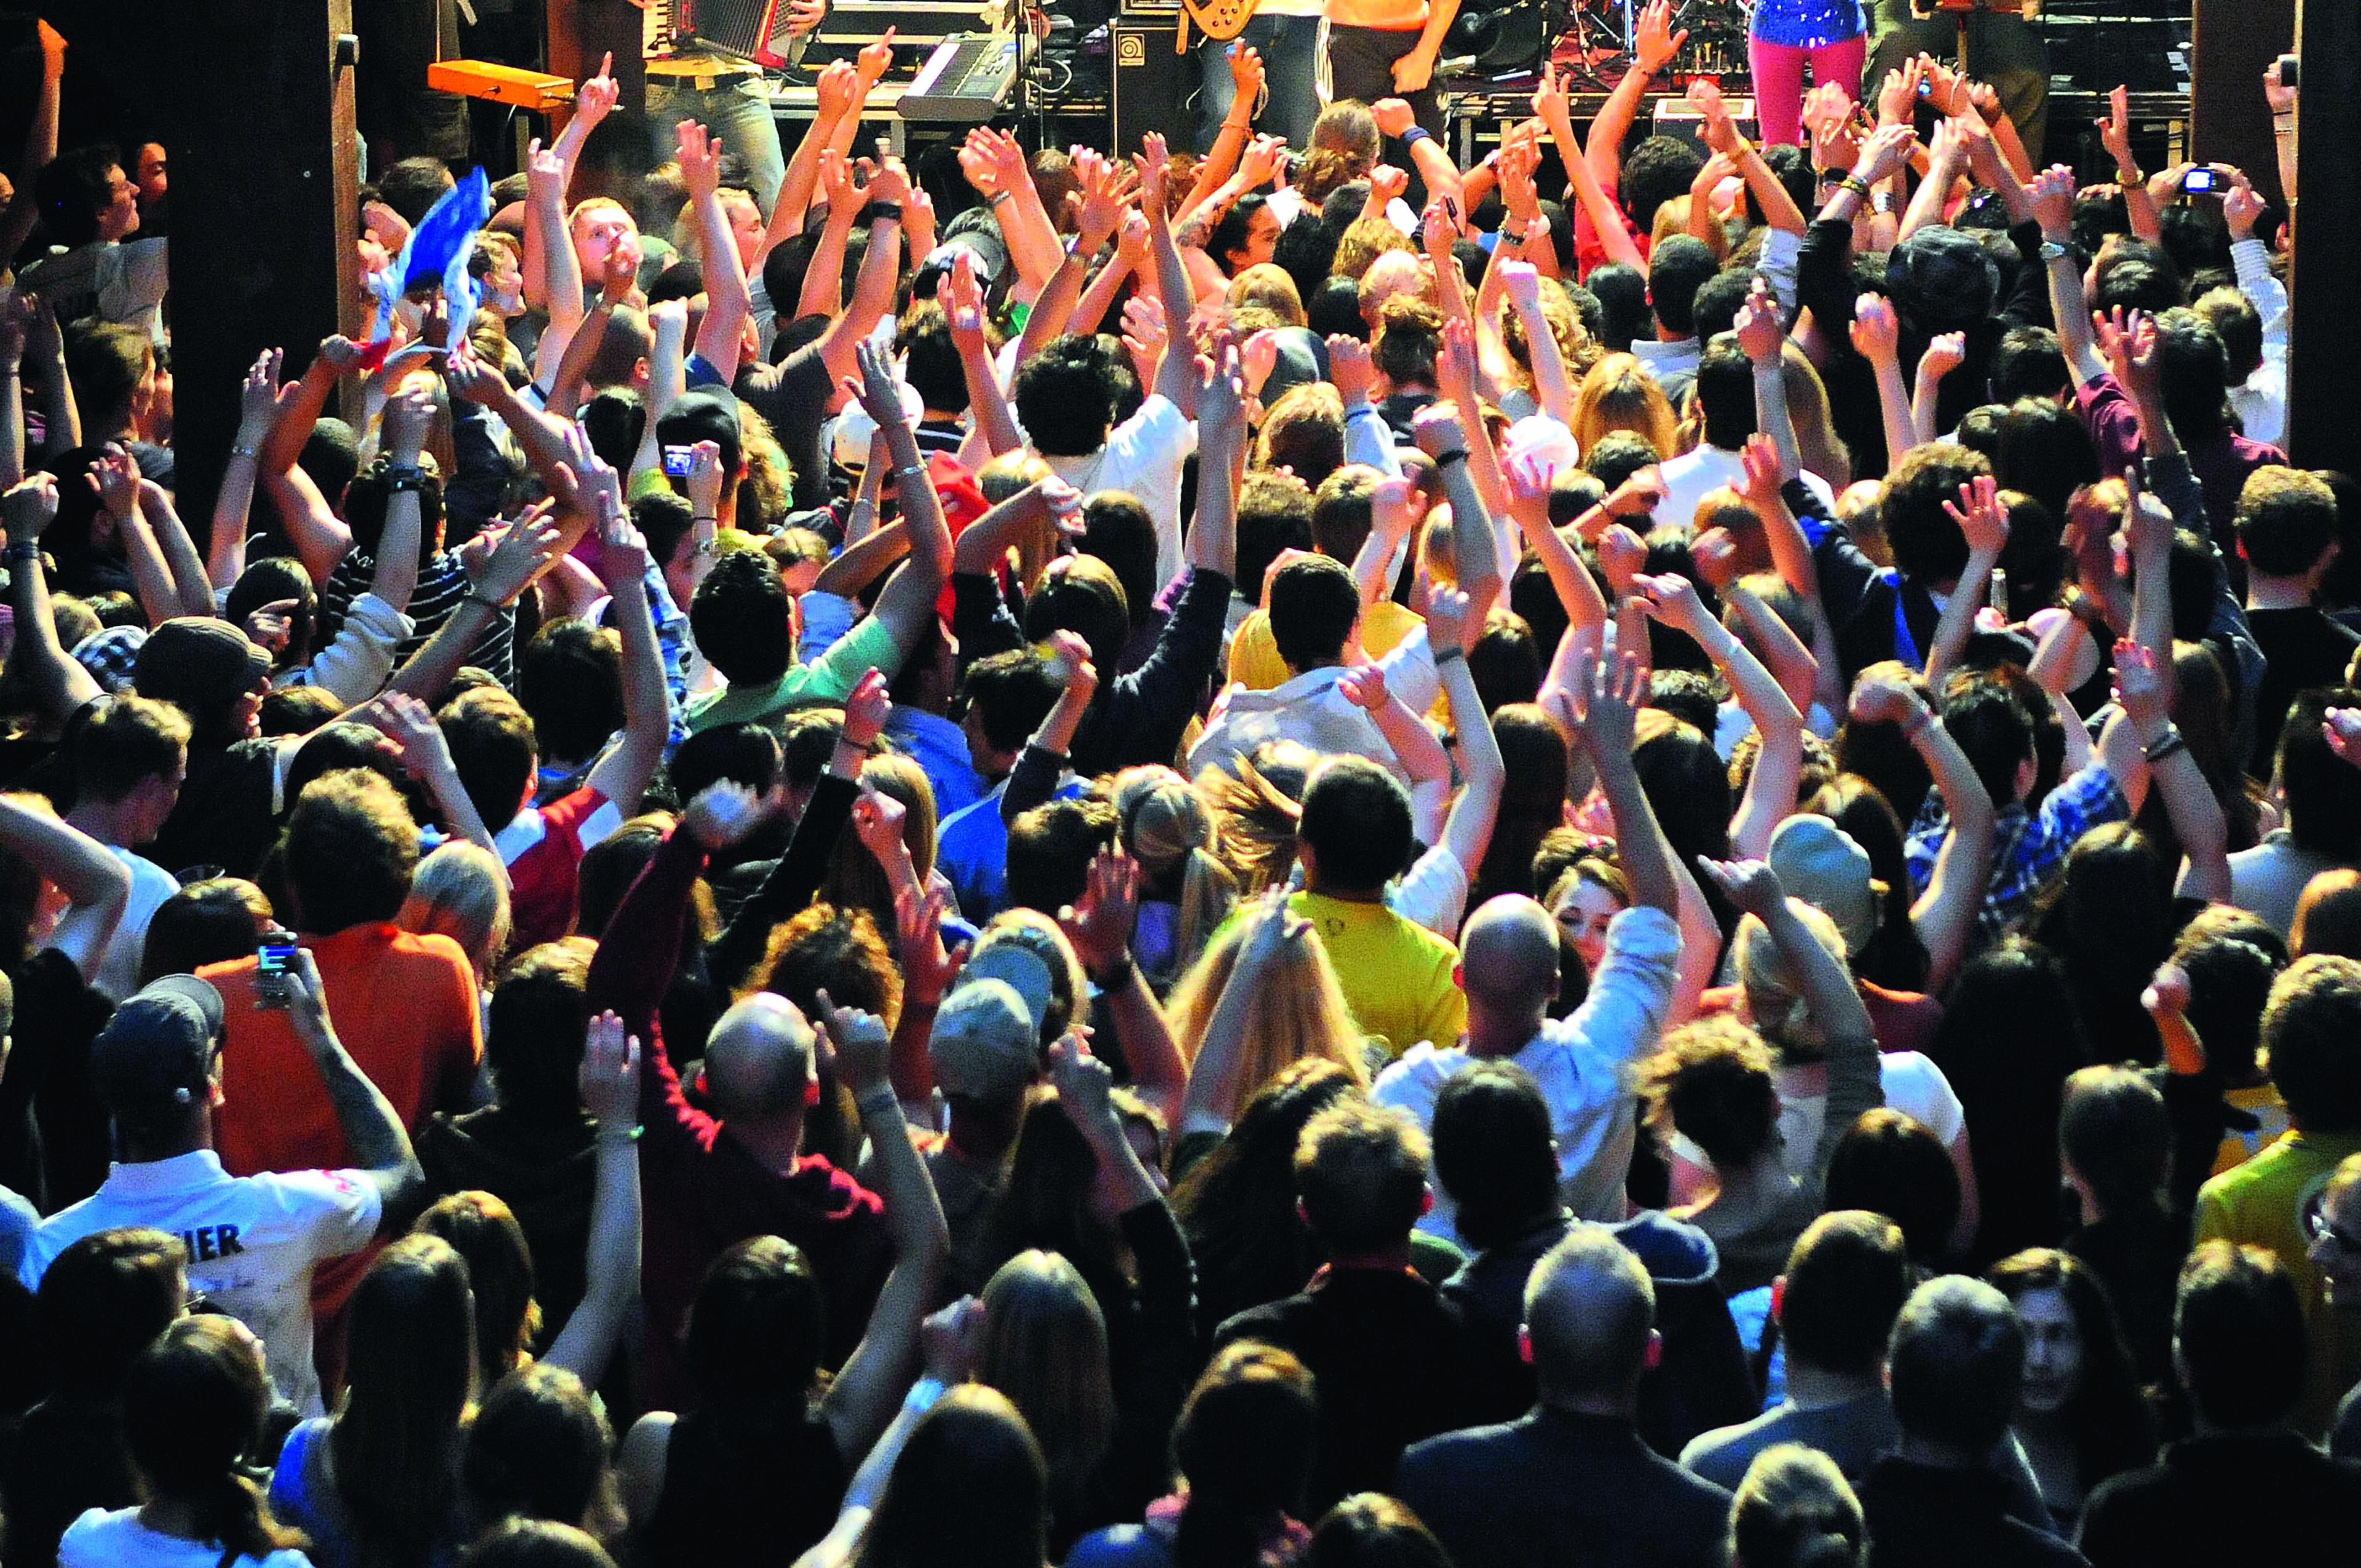 Fabrik Foto Tanzende©Isabel Schiffler scaled - OXMOX verlost Tickets: Die besten Silvester-Partys